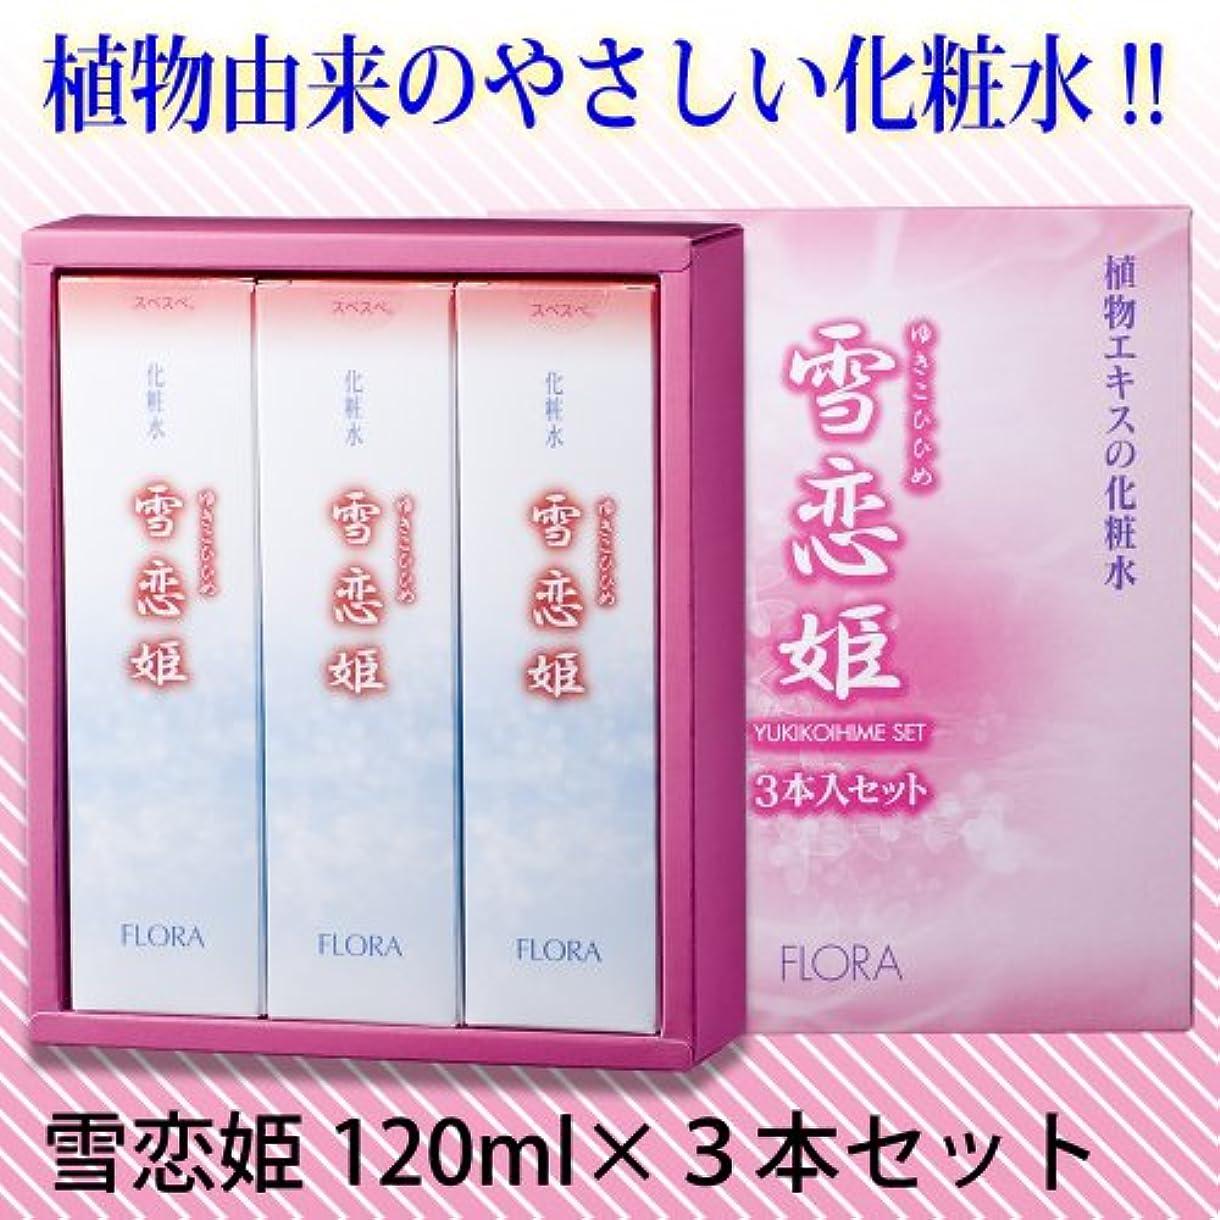 委任するジョットディボンドン中央値雪恋姫 化粧水 120ml×3本セット